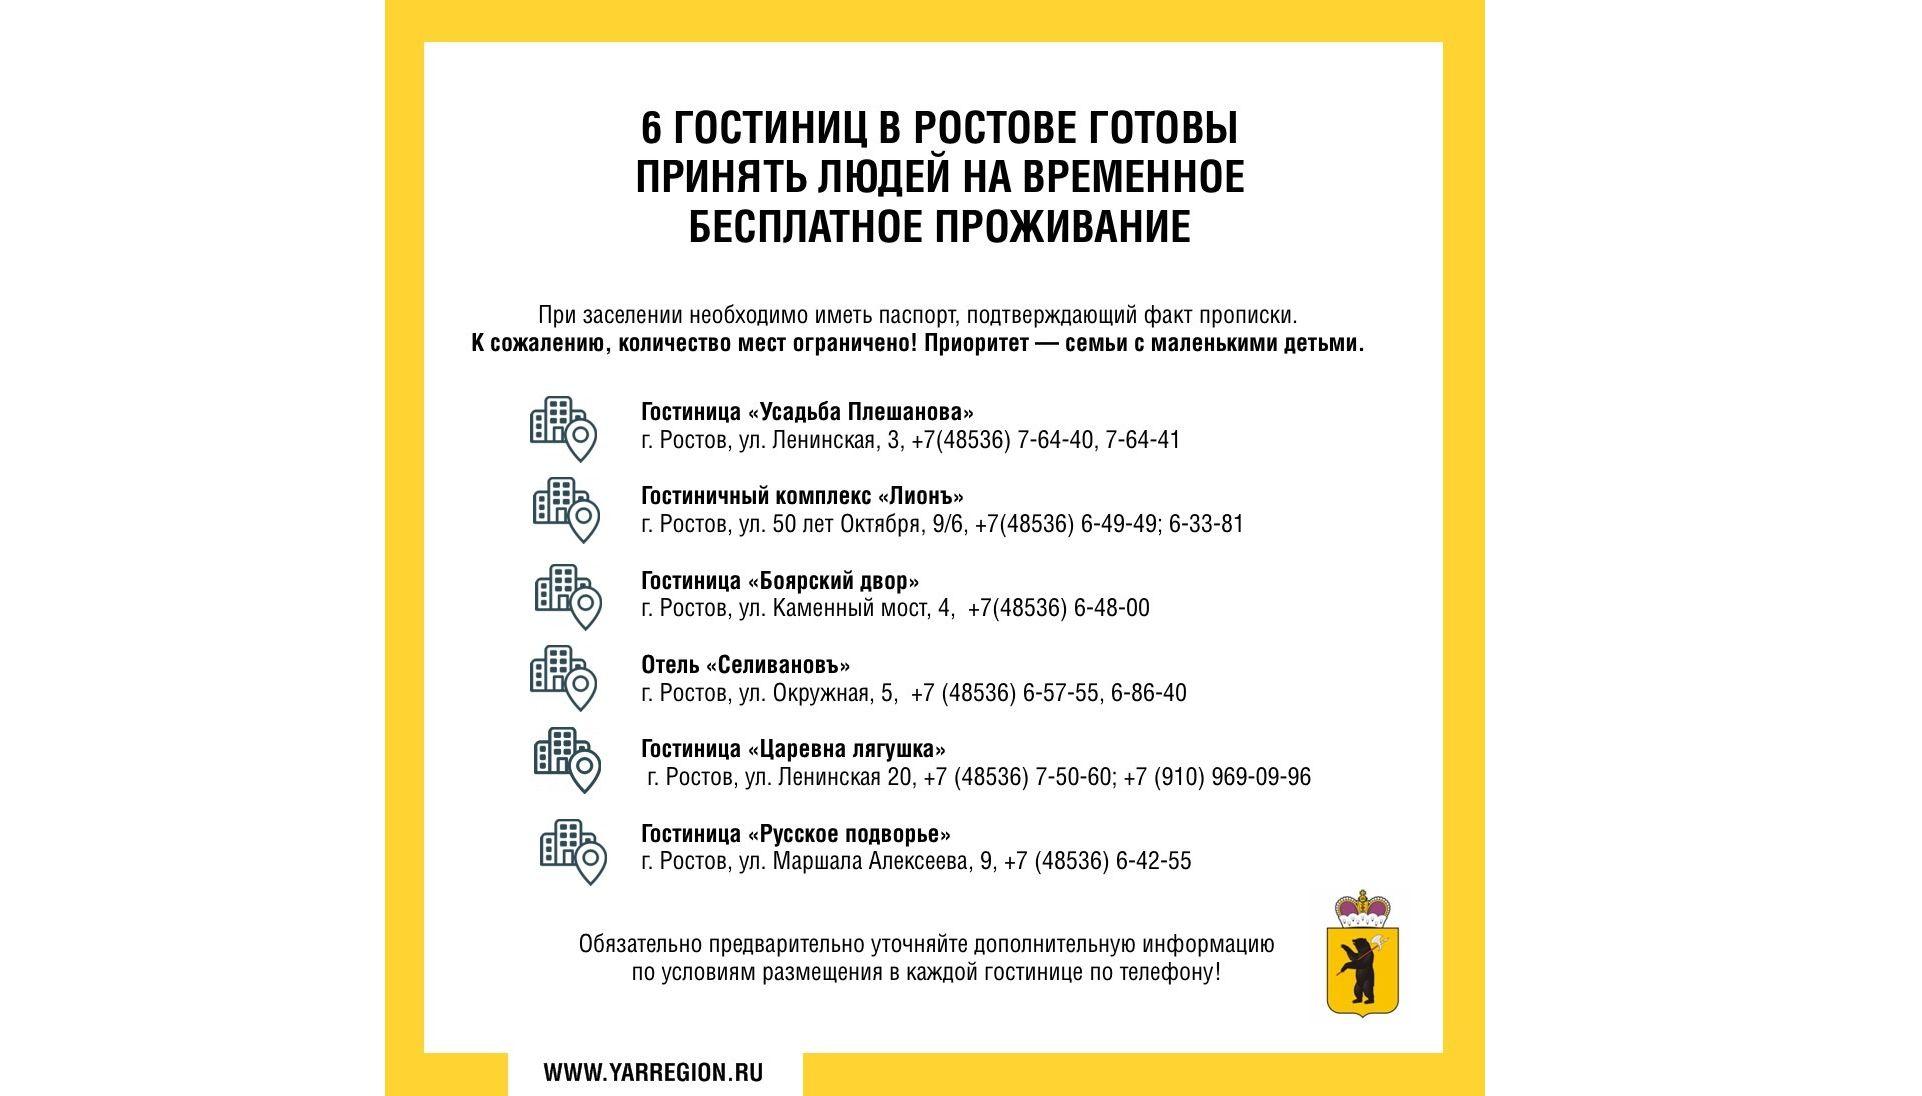 Дмитрий Миронов: в Ростове гостиницы примут людей, в чьи дома не вернулось отопление